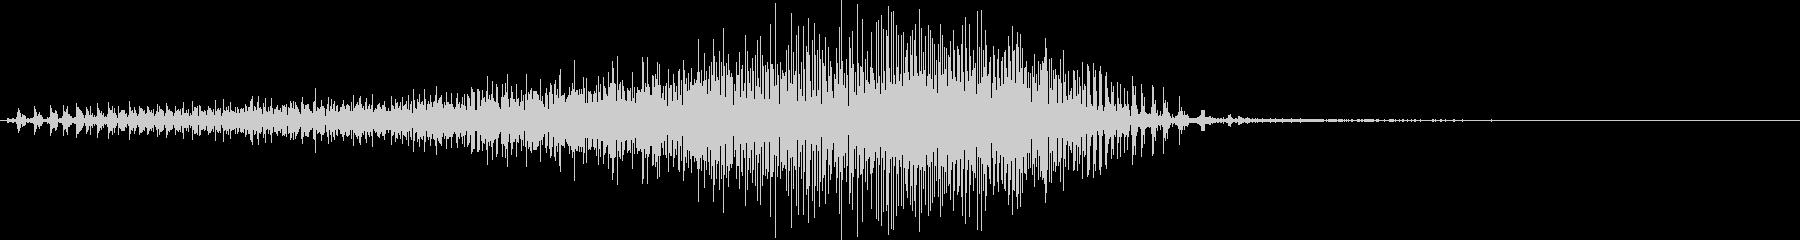 ジッパーの効果音 01の未再生の波形